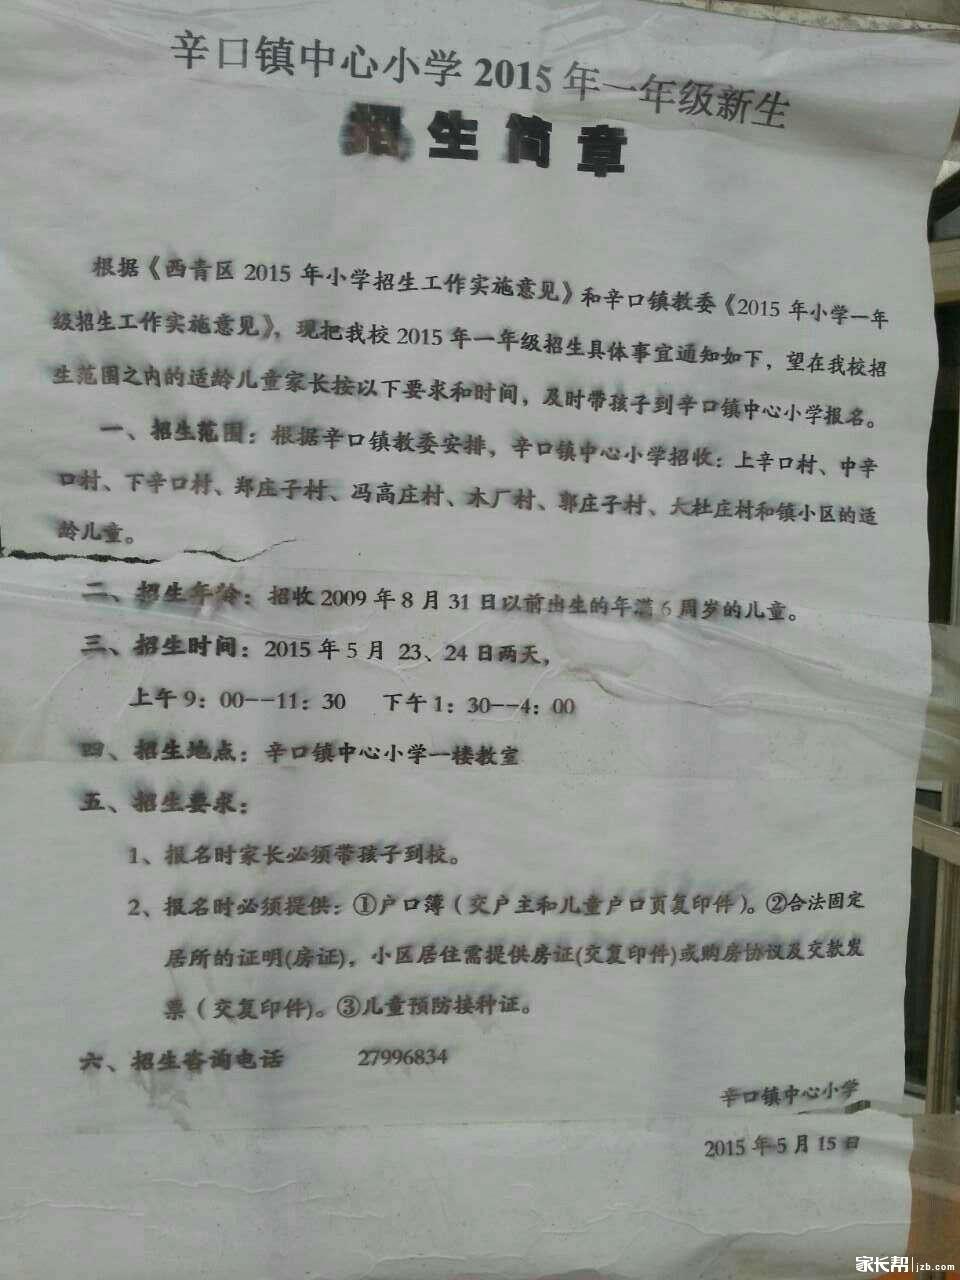 2015年天津市西青区辛口镇电话招生简章v电话红旗小学小学图片